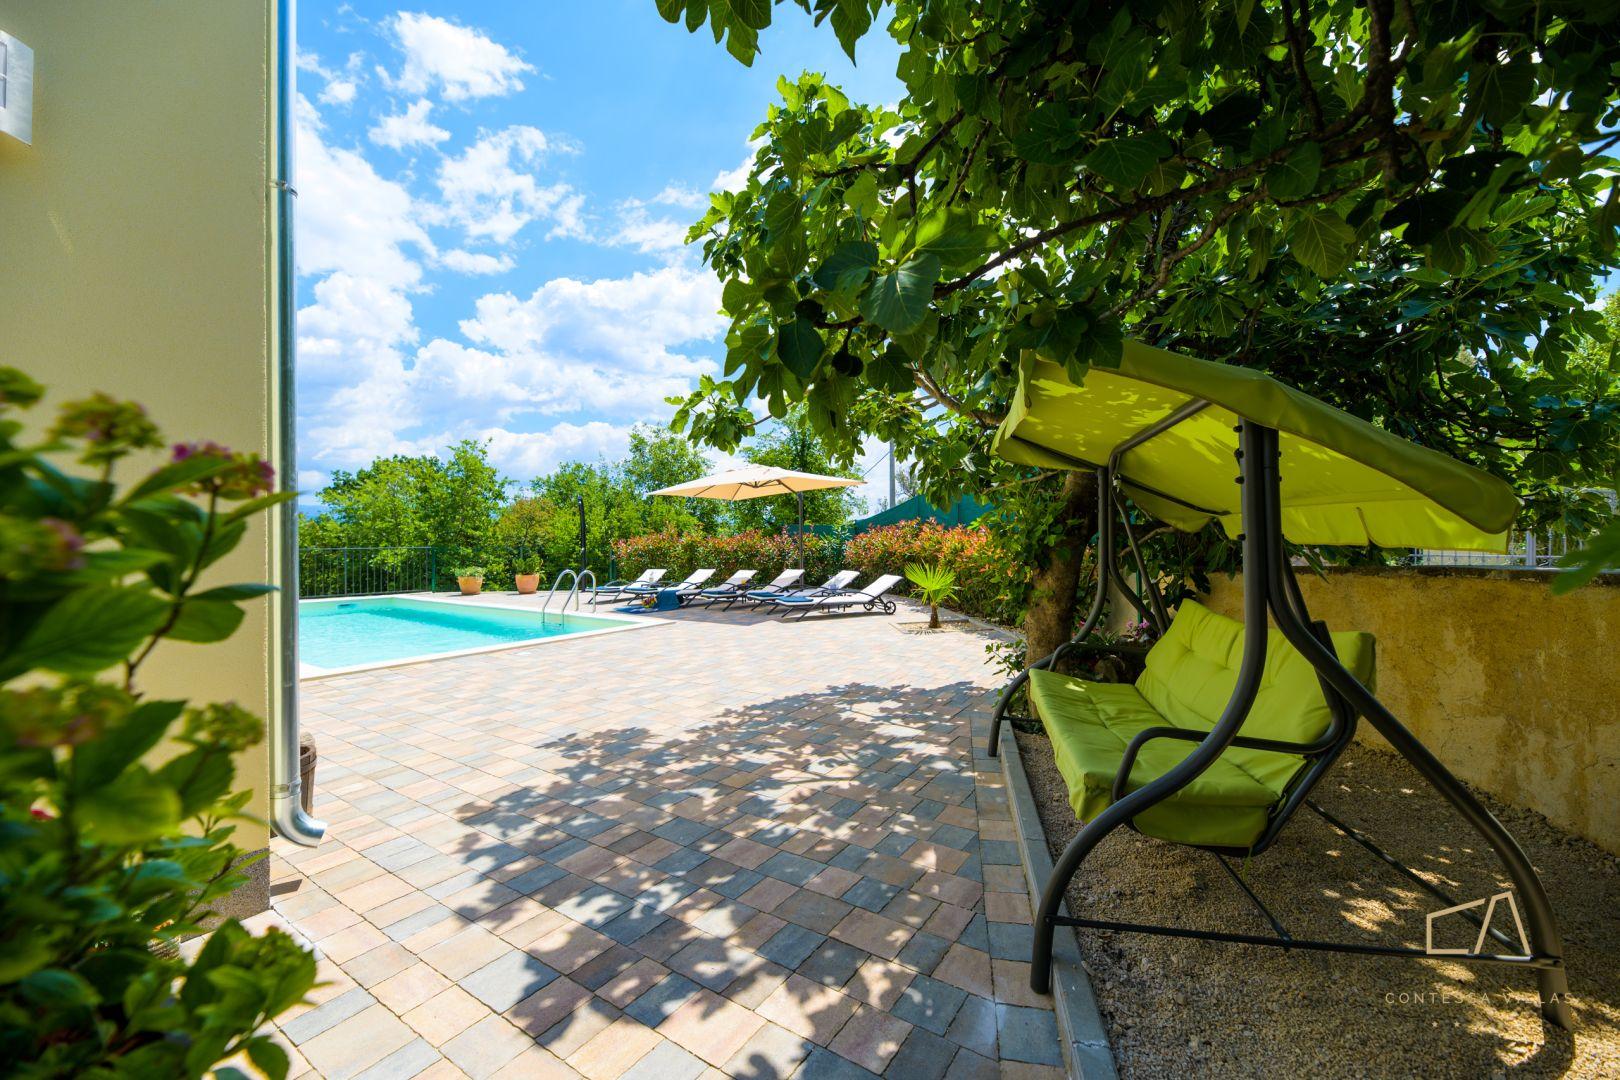 Ako tražite privatnu oazu mira i tišine, a sve to još i blizu mora, pripremite se... U agenciji Contessa Villas znaju kako vas zadiviti !